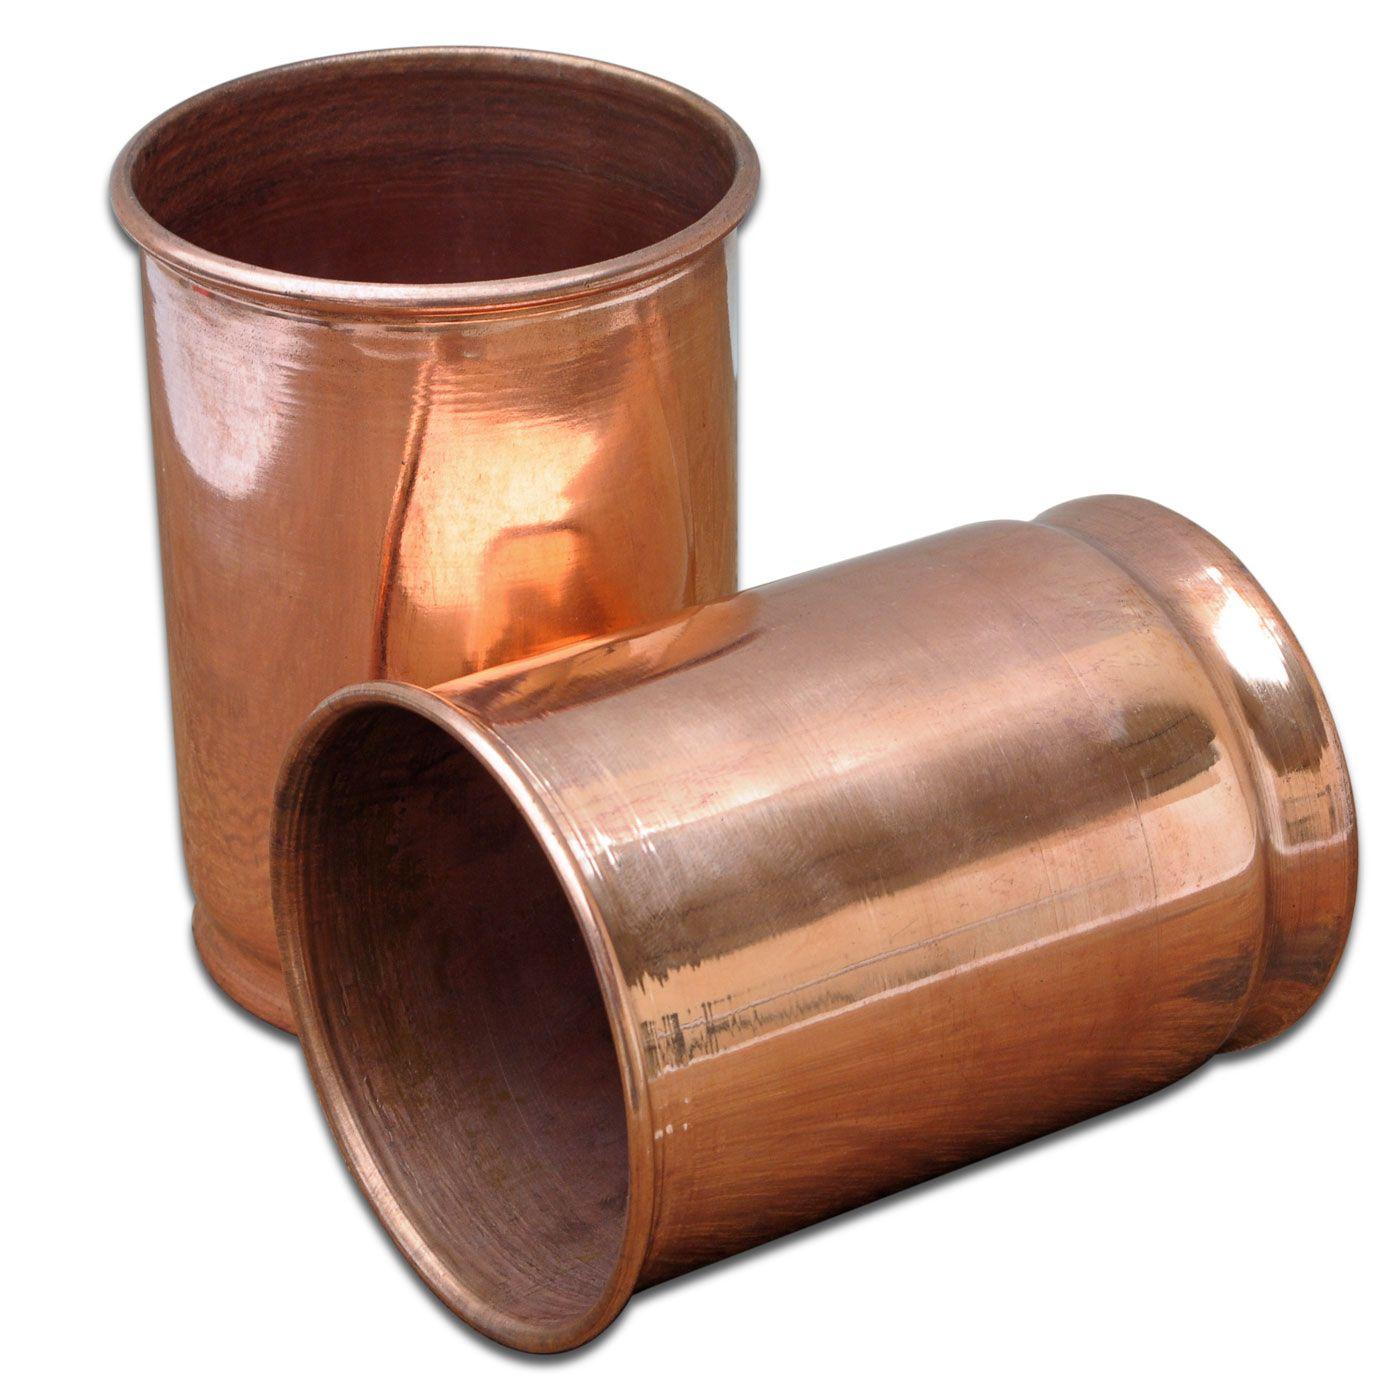 copper kitchen utensil holder ge artistry utensils